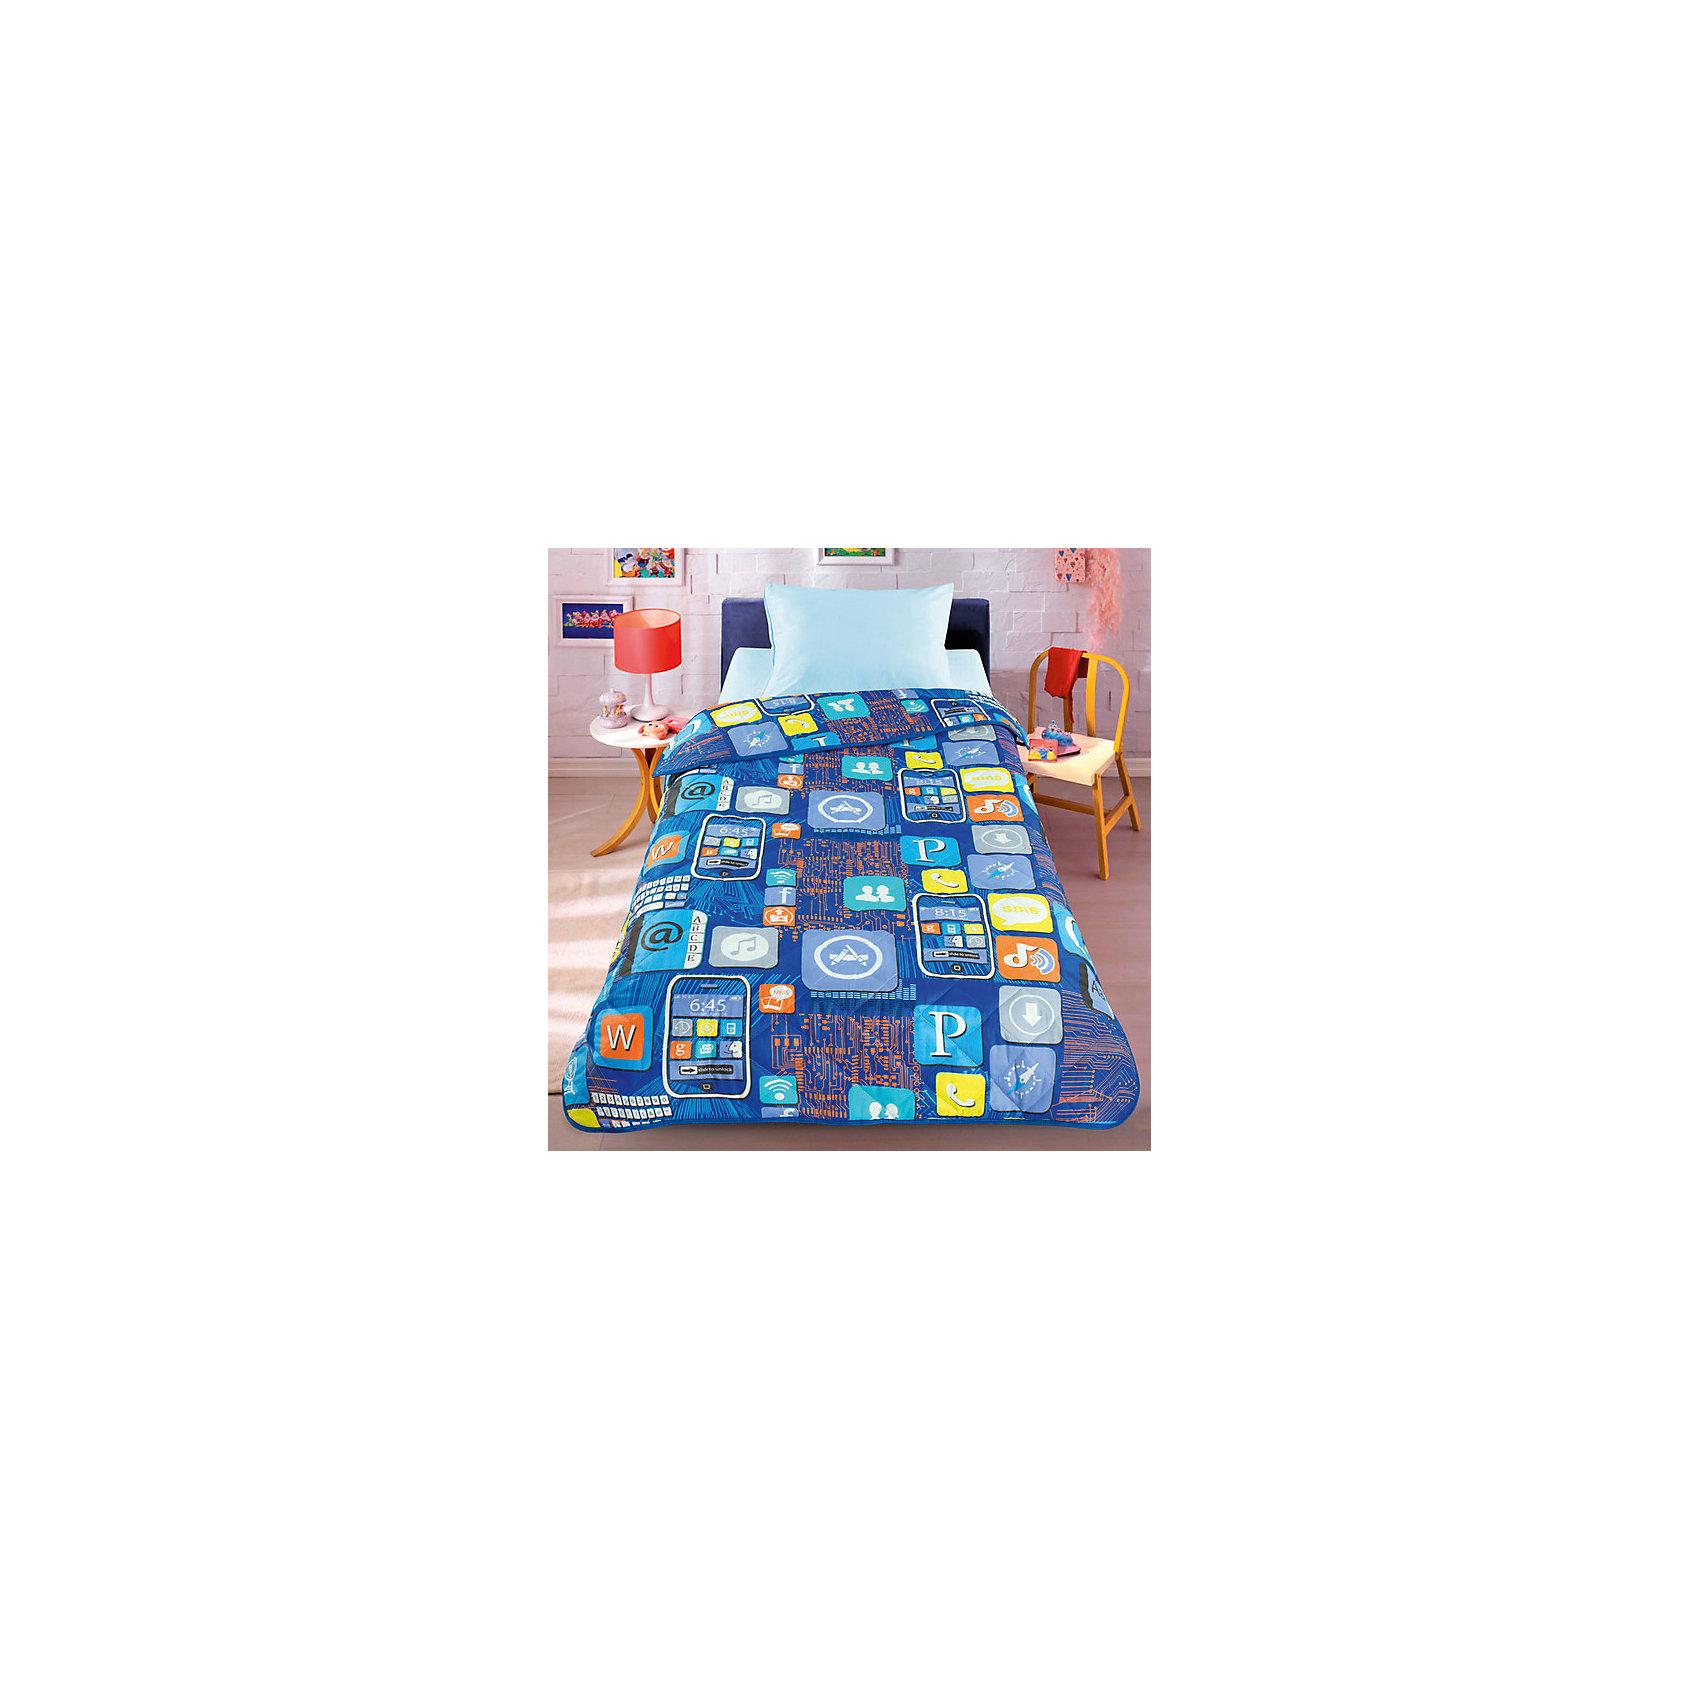 Покрывало-одеяло Смартфон 140*200, стеганное, LettoПокрывало-одеяло Смартфон 140*200, стеганное, Letto – это прекрасный вариант для детской комнаты.<br>Яркое стеганое покрывало-одеяло отлично впишется в интерьер детской комнаты. Оно выполнено из 100% хлопка (перкаль), наполнитель - силиконизированное волокно. Сидеть на таком покрывале приятно и комфортно. Покрывало можно использовать как одеяло, под ним ребенку не будет жарко даже летом.<br><br>Дополнительная информация:<br><br>- Размер: 140х210 см.<br>- Материал: перкаль (100% хлопок)<br>- Наполнитель: силиконизированное волокно<br>- Уход: машинная стирка при температуре 30 градусов, строго на деликатном режиме<br><br>Покрывало-одеяло Смартфон 140*200, стеганное, Letto можно купить в нашем интернет-магазине.<br><br>Ширина мм: 400<br>Глубина мм: 100<br>Высота мм: 500<br>Вес г: 1200<br>Возраст от месяцев: 36<br>Возраст до месяцев: 144<br>Пол: Унисекс<br>Возраст: Детский<br>SKU: 4947799